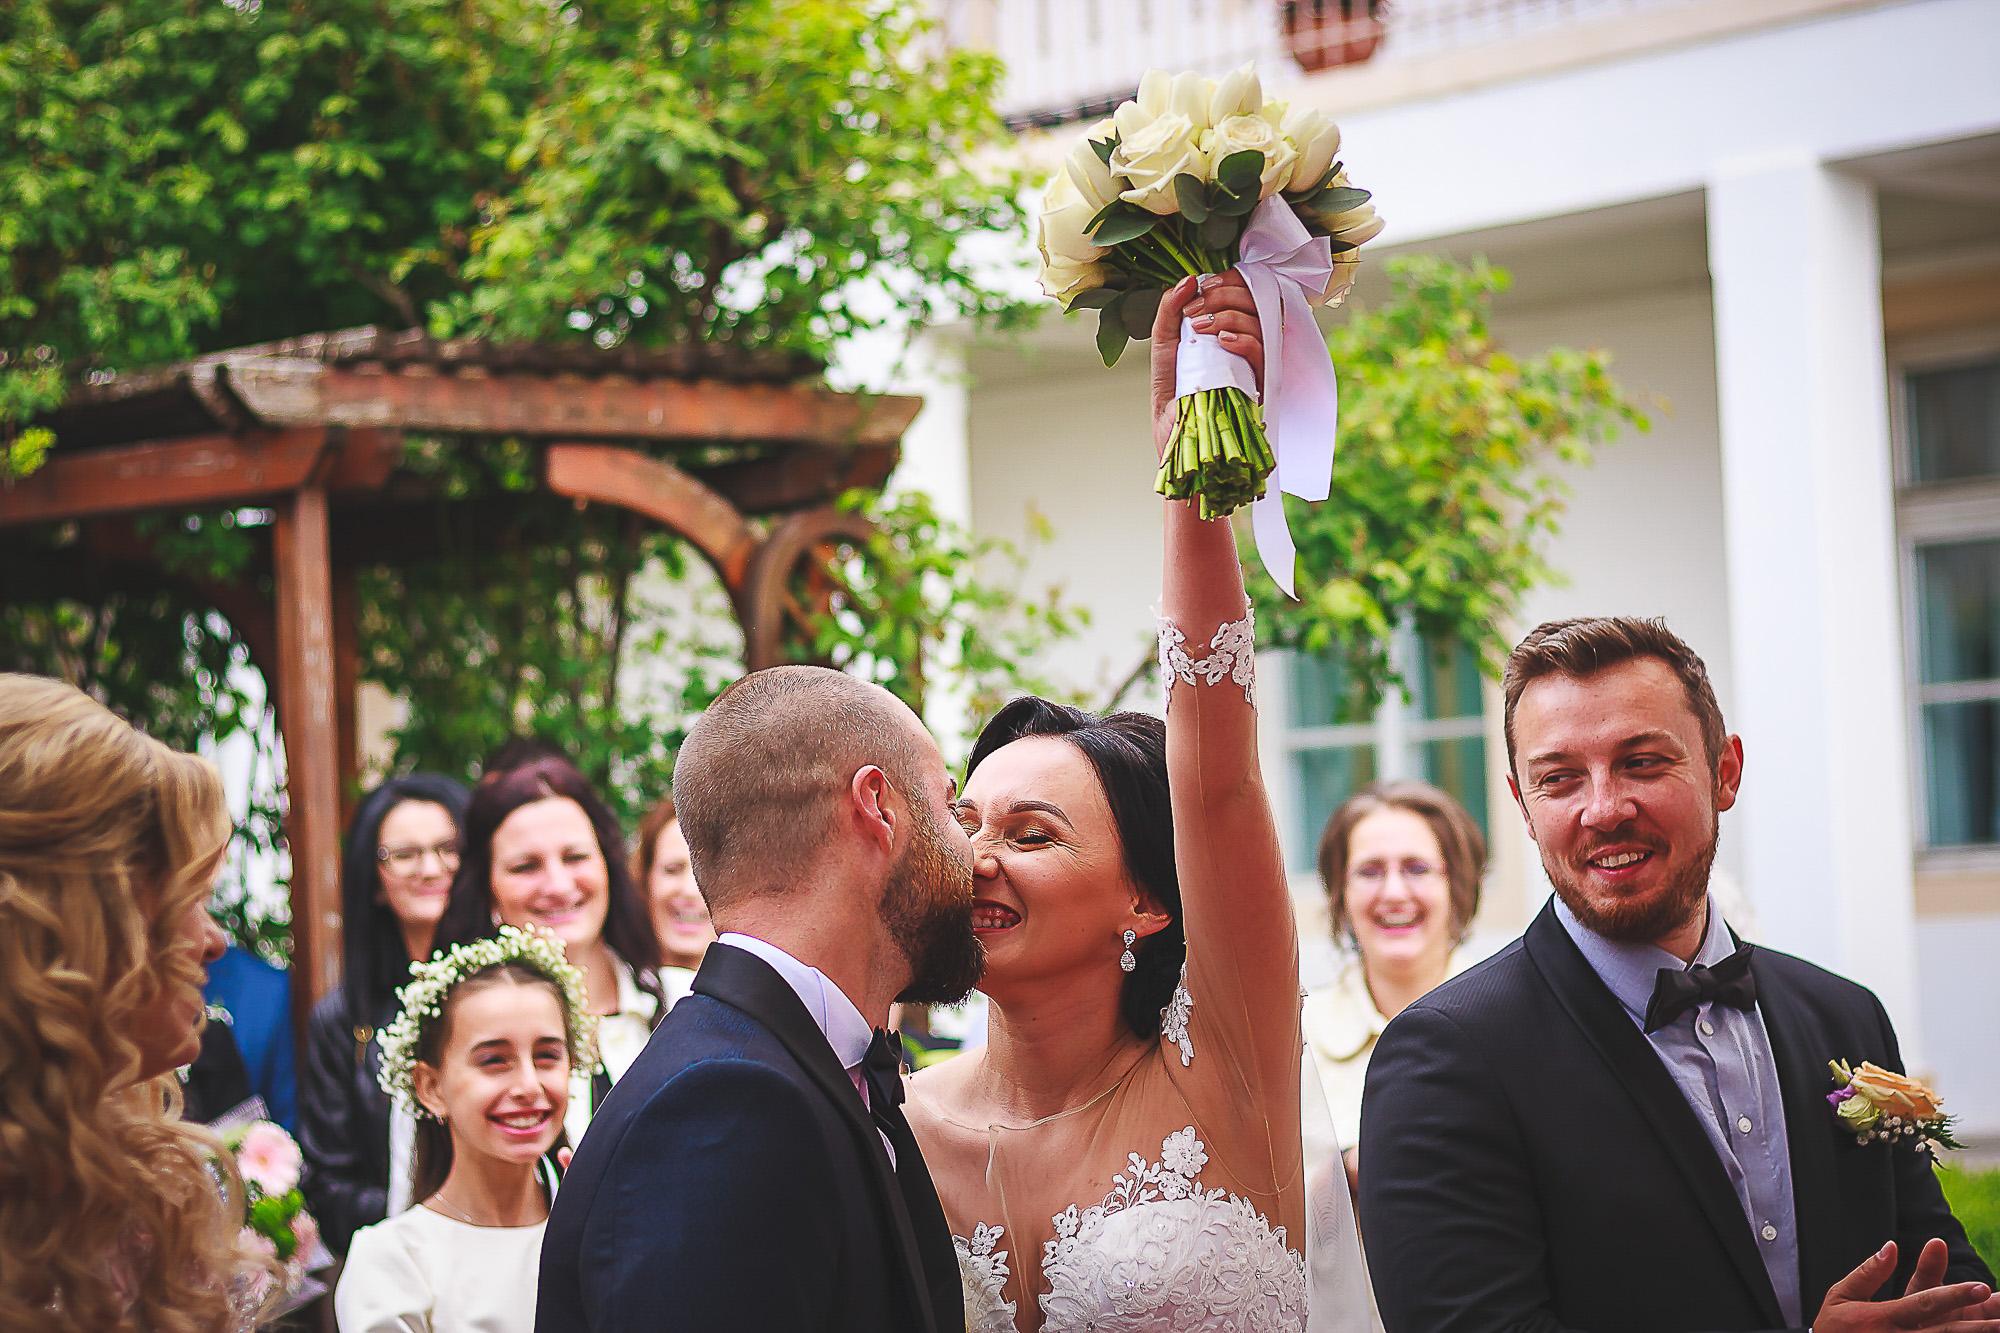 fotografie creativa de nunta, fotograf nunta mures, foto nunta reghin, foto video reghin, foto video nunta mures, starea civila reghin, sarutul miriilor, semnatura miriilor la starea civila